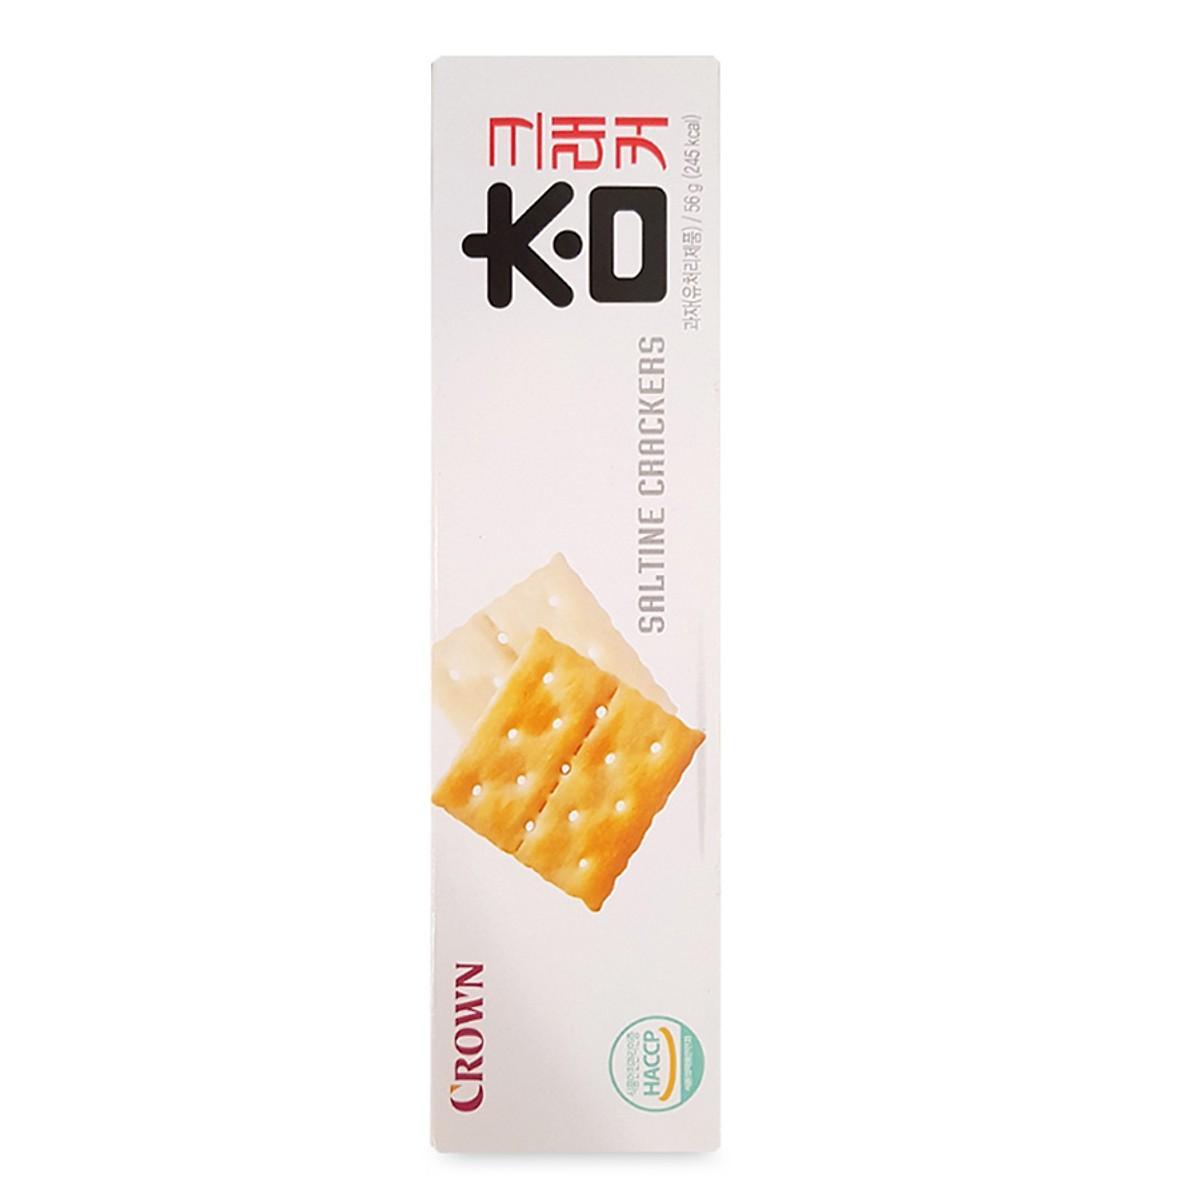 Bánh Quy Giòn Crown Hộp 56 Gram – Nhập Khẩu Hàn Quốc